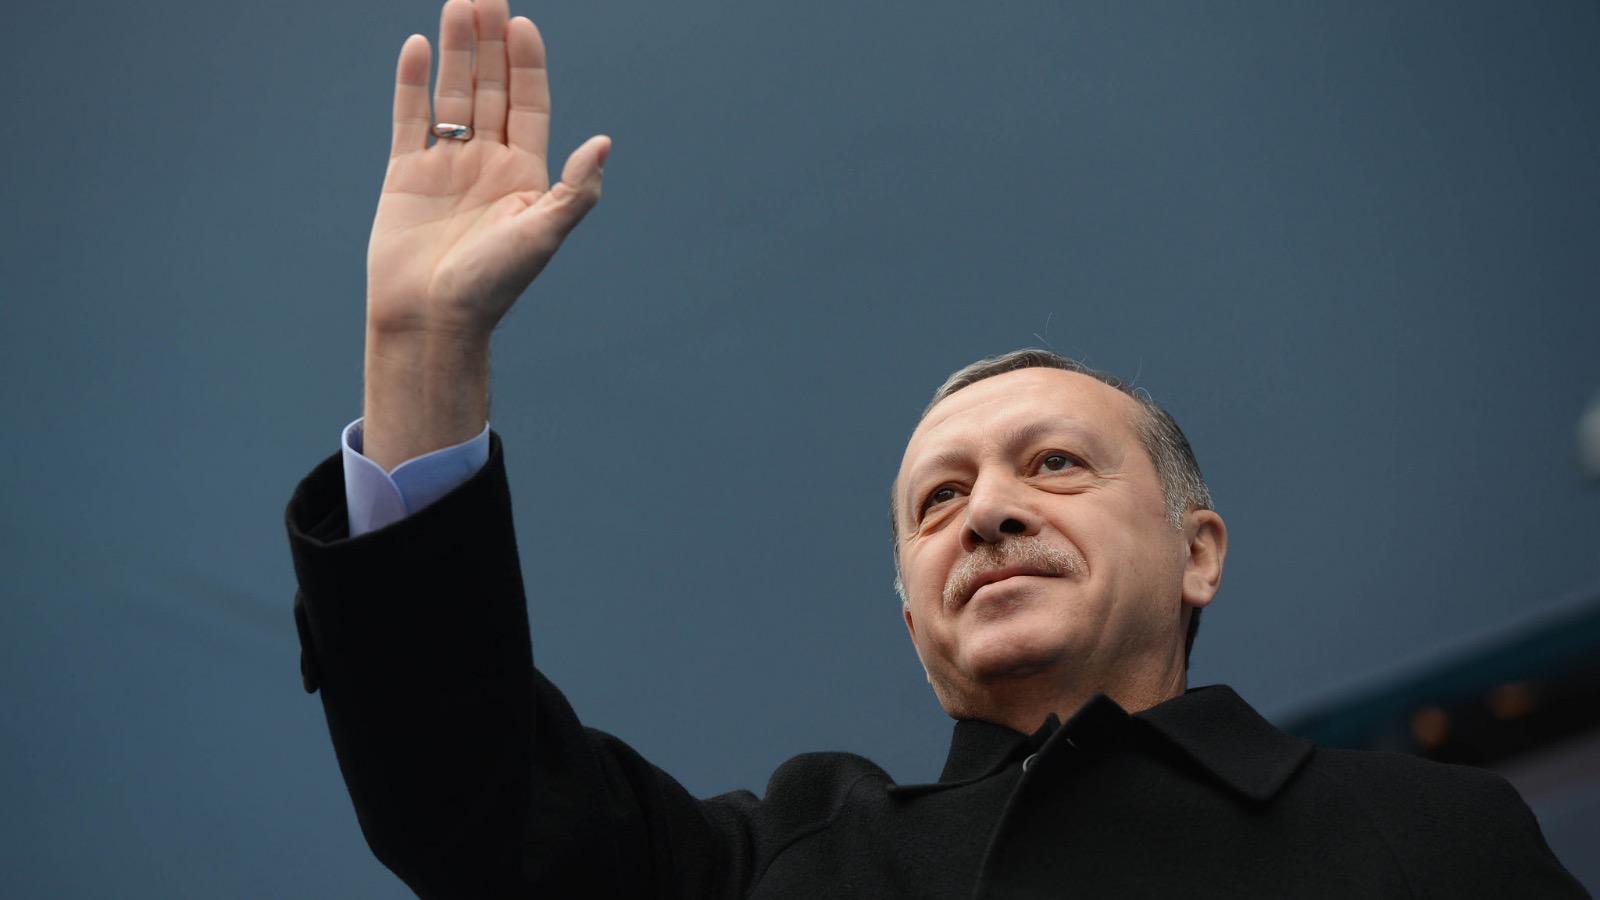 Forfatningsændring i undtagelsestilstand: Vil Erdogan acceptere et 'nej'?